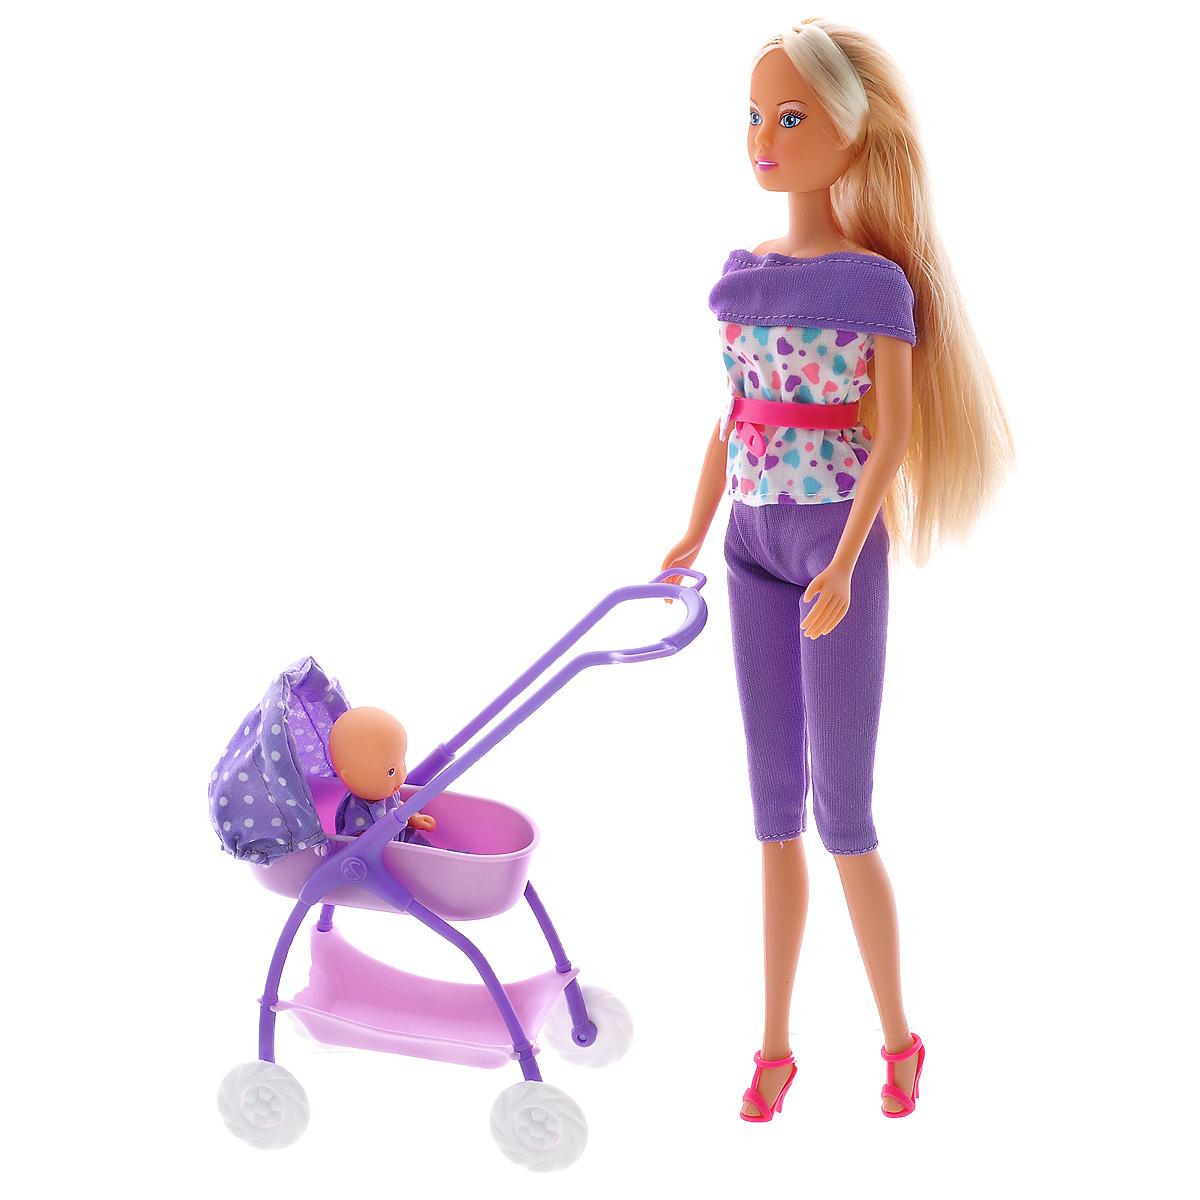 Simba Кукла Штеффи с ребенком5733067_цвет фиолетовыйКукла Simba Штеффи с ребенком надолго займет внимание вашей малышки и подарит ей множество счастливых мгновений. Кукла изготовлена из пластика, ее голова, ручки и ножки подвижны, что позволяет придавать ей разнообразные позы. В комплект входят: коляска, кукла-ребенок и разнообразные аксессуары для него (соска, бутылочки, посуда и игрушки). Кукла одета в удобный фиолетовый костюм. Наряд дополняет ремень и розовые туфельки. Чудесные длинные волосы куклы так весело расчесывать и создавать из них всевозможные прически, плести косички и хвостики. Благодаря играм с куклой, ваша малышка сможет развить фантазию и любознательность, овладеть навыками общения и научиться ответственности, а дополнительные аксессуары сделают игру еще увлекательнее. Порадуйте свою принцессу таким прекрасным подарком!